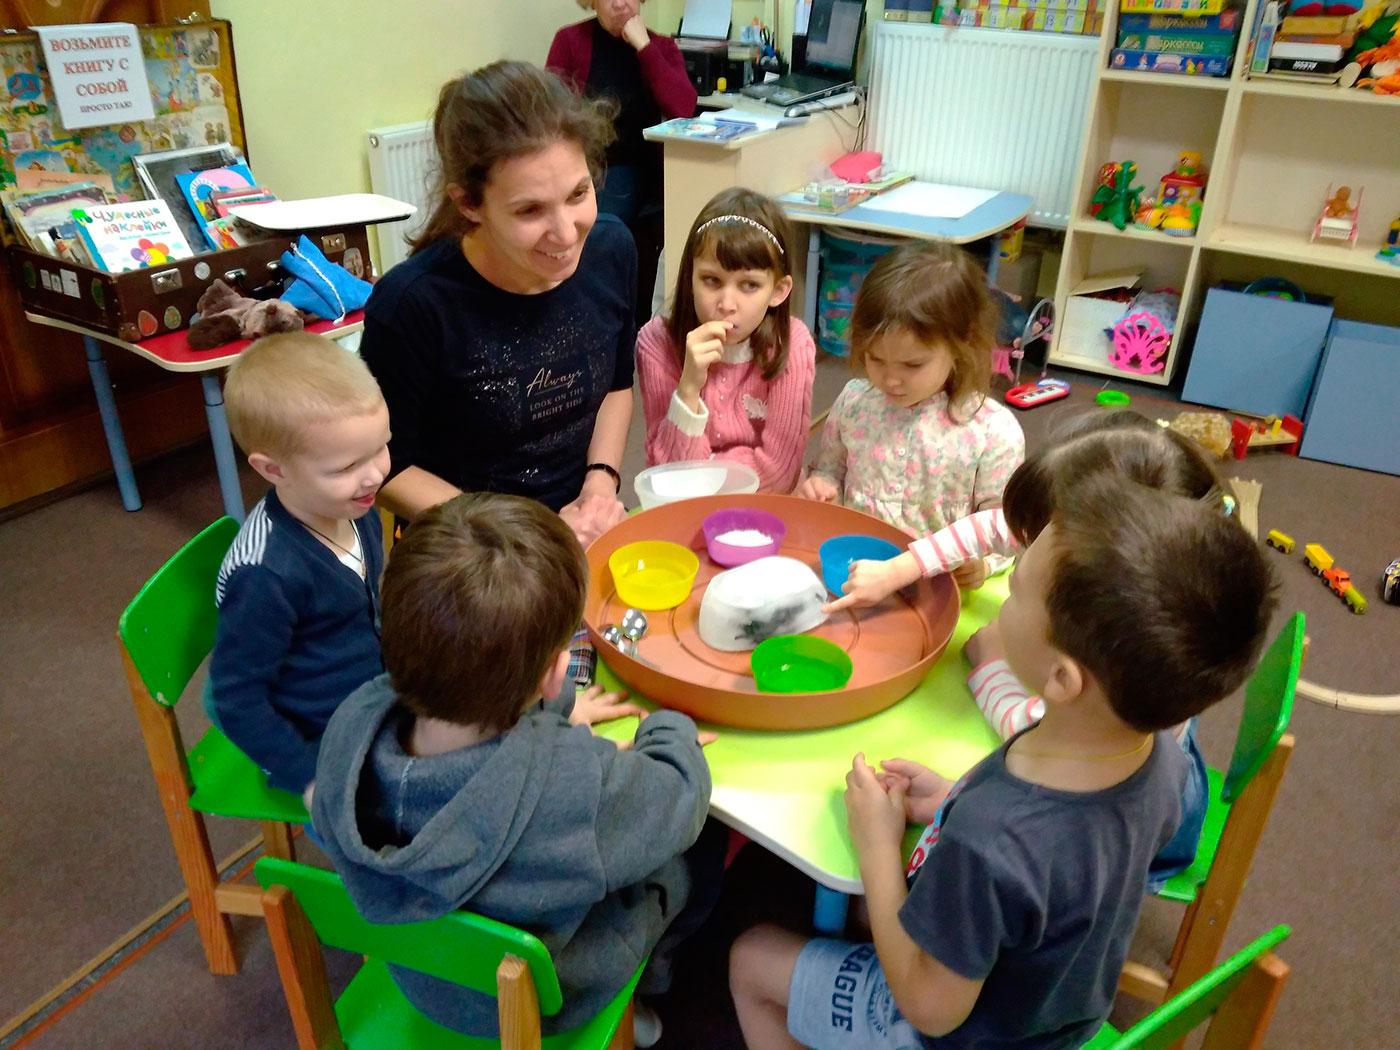 мастер-классы для детей в Калининградской области